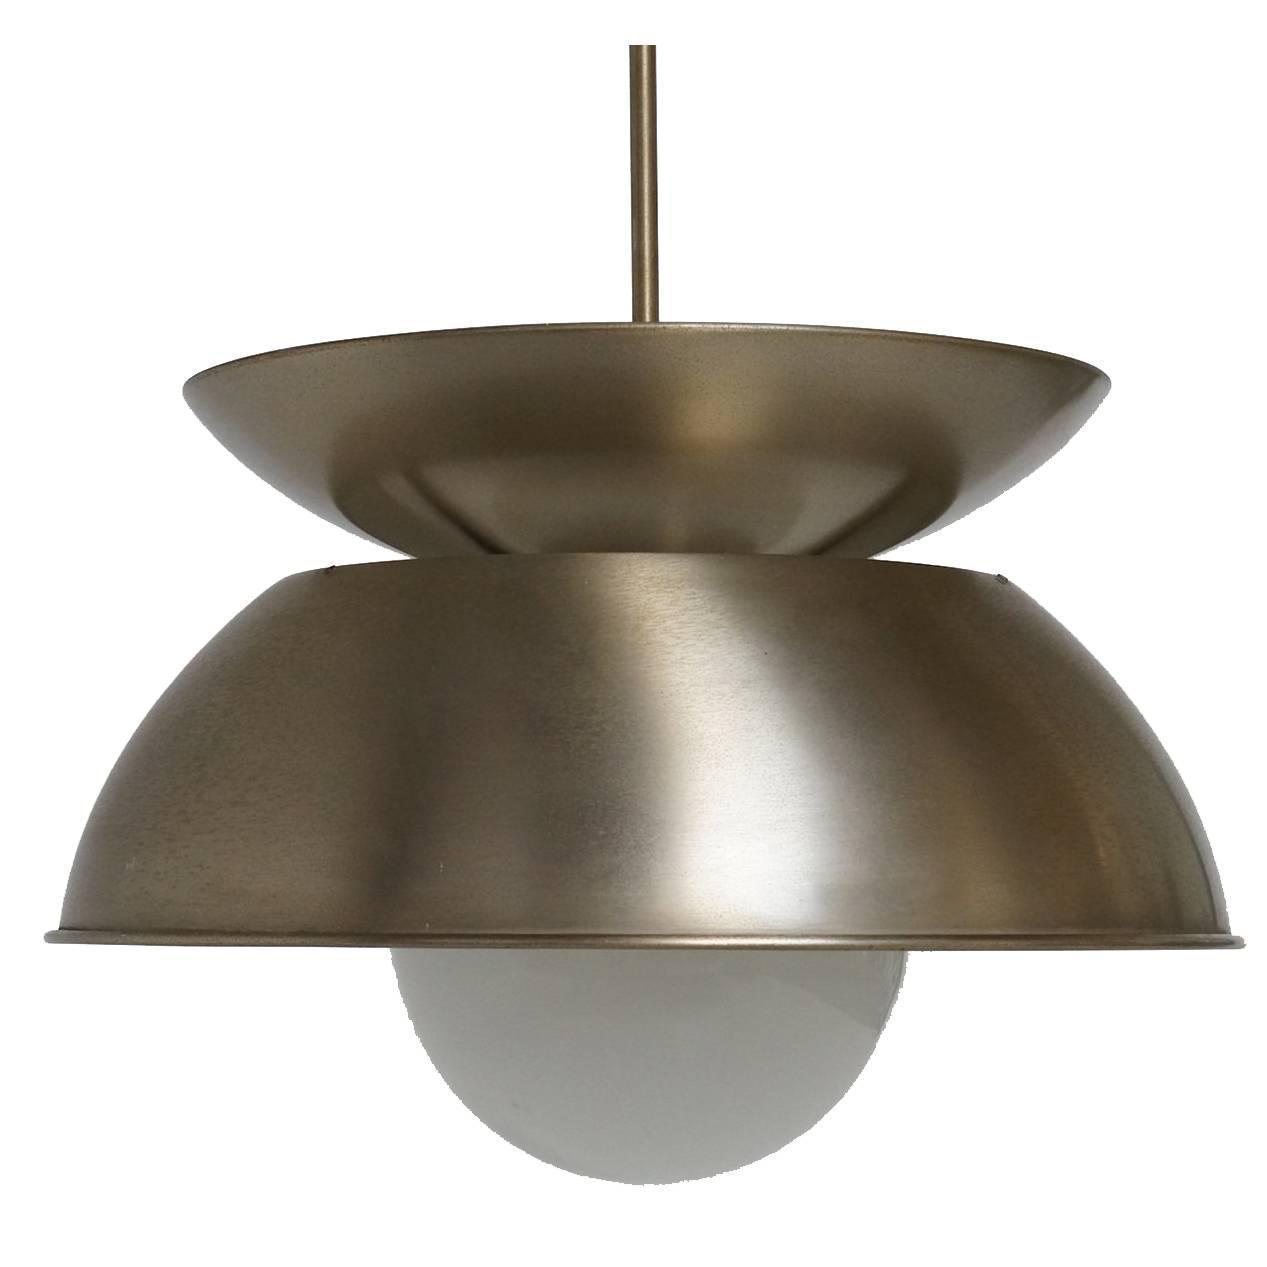 Cetra pendant lamp by vico magistretti for artemide 1964 at 1stdibs cetra pendant lamp by vico magistretti for artemide 1964 at 1stdibs arubaitofo Gallery